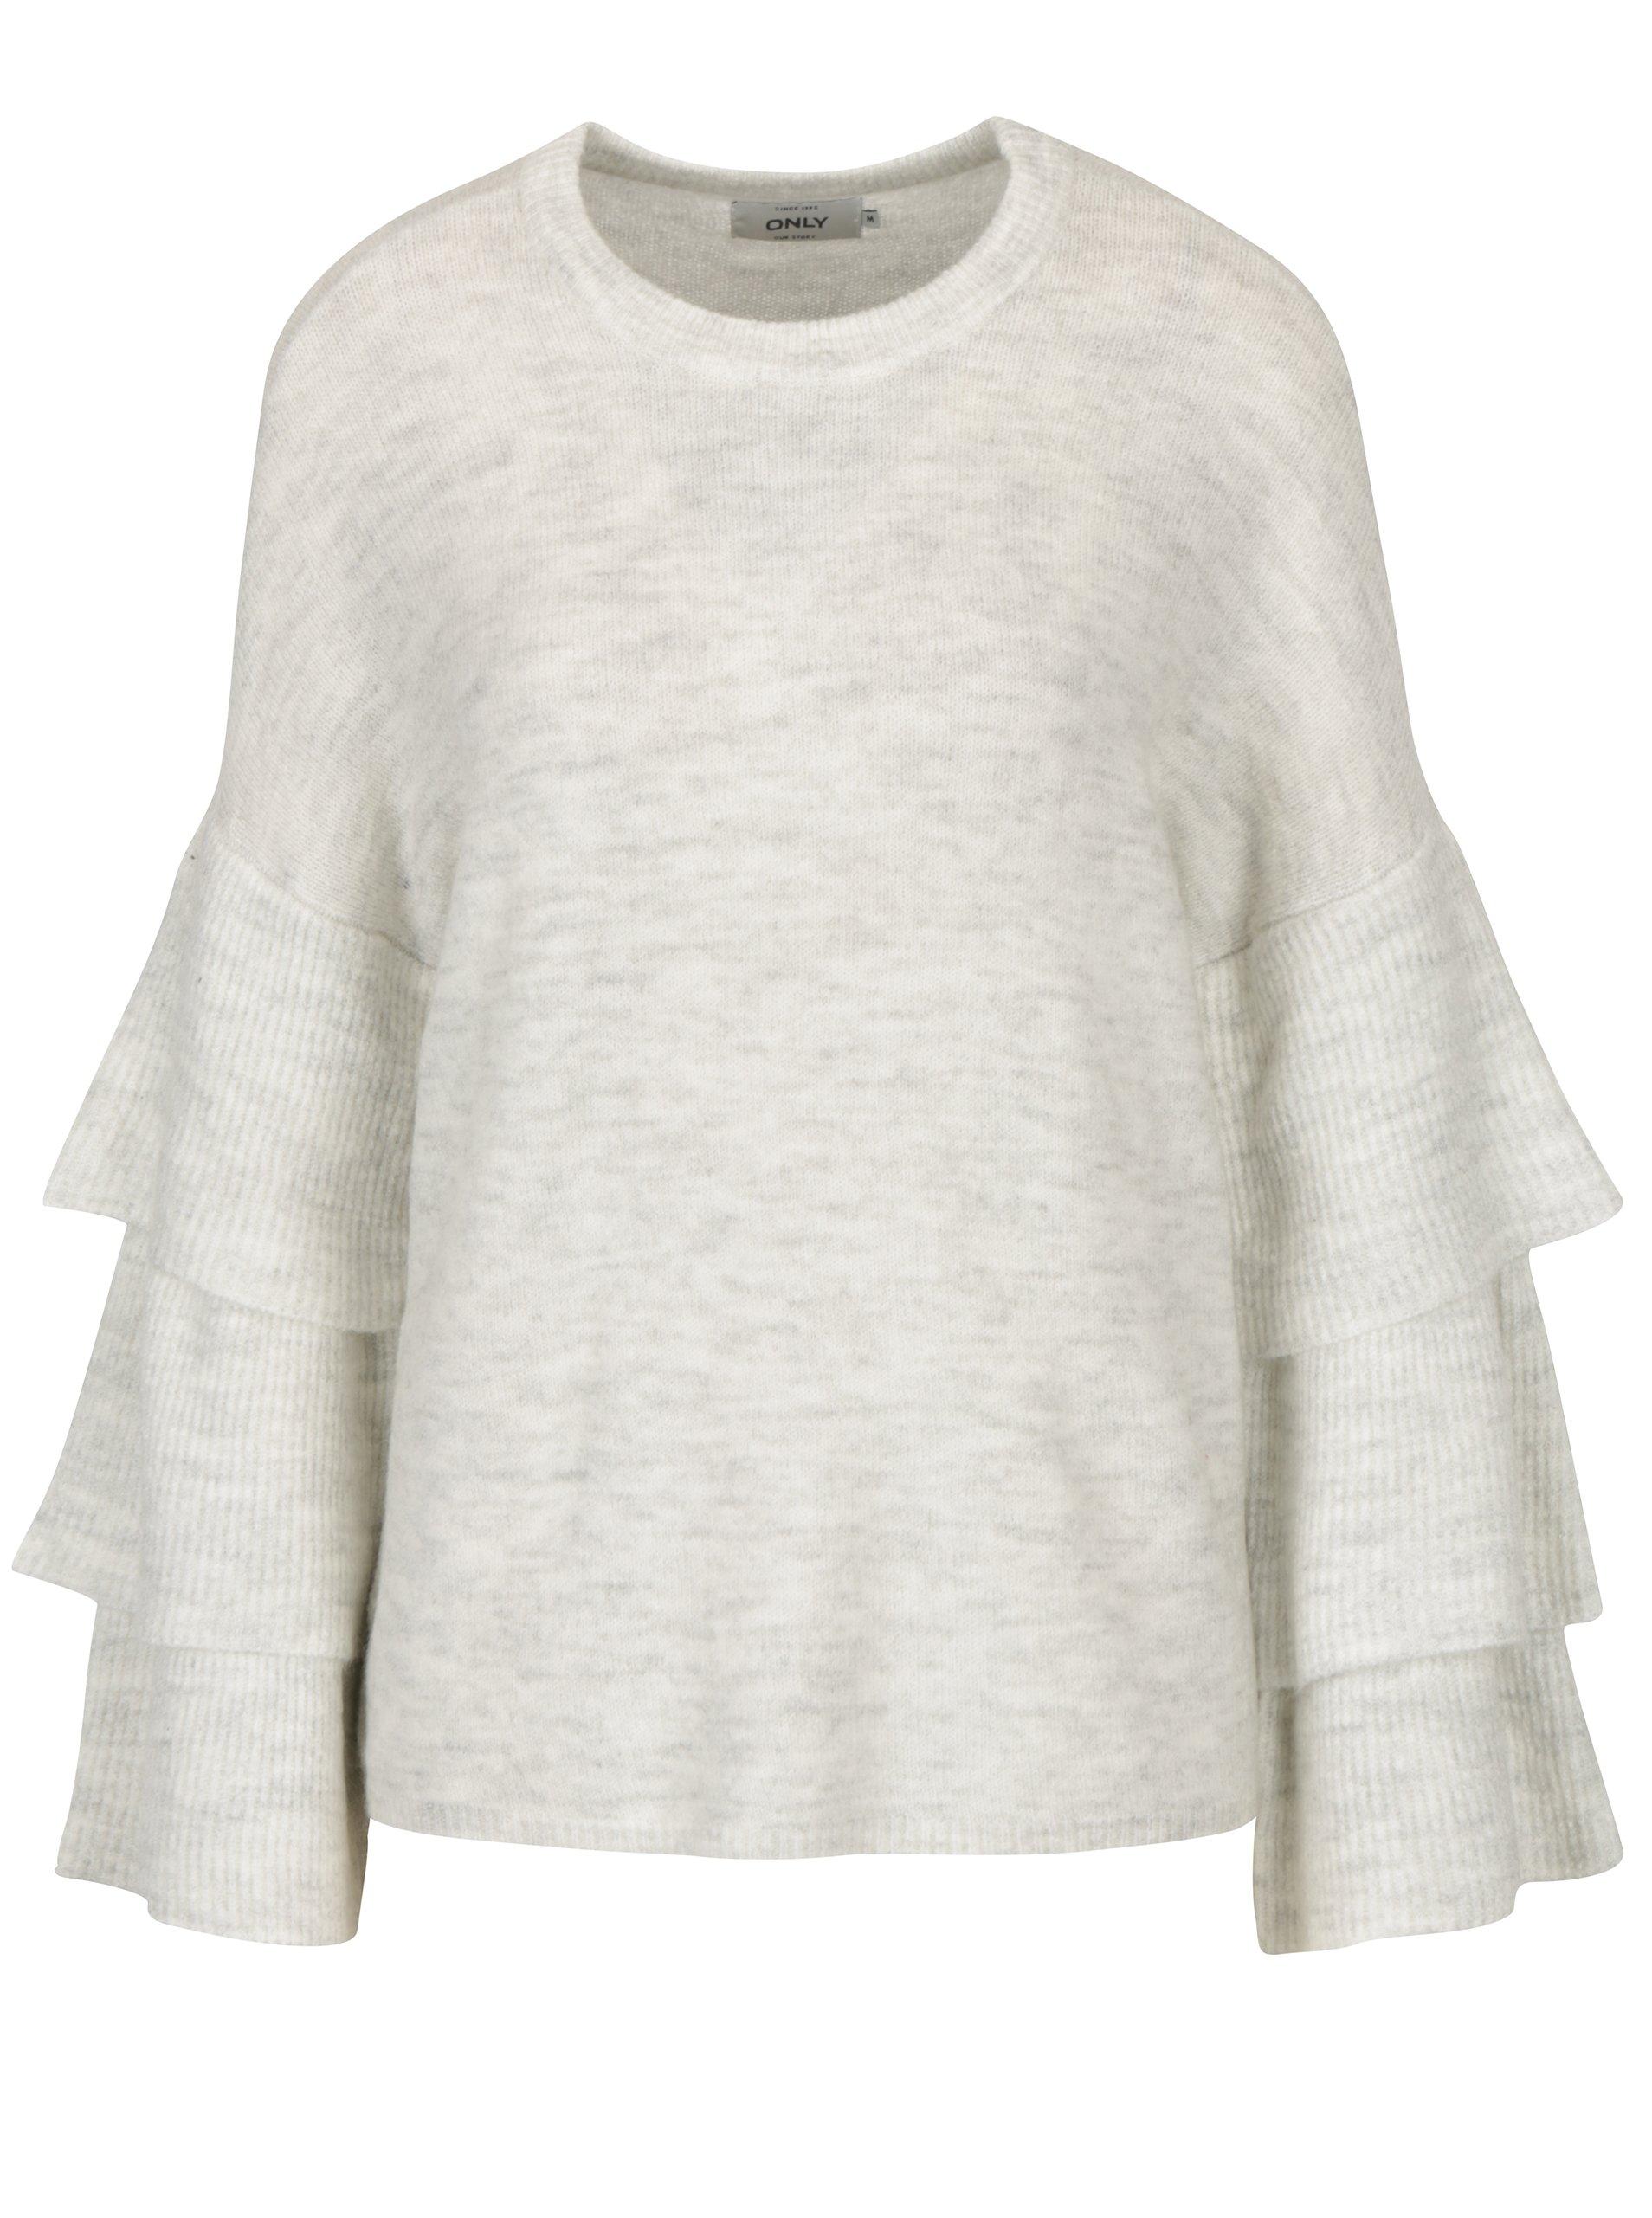 Krémový žíhaný svetr s volány ONLY Flower. Sdílejte. Magazín módy ... f97c45d647